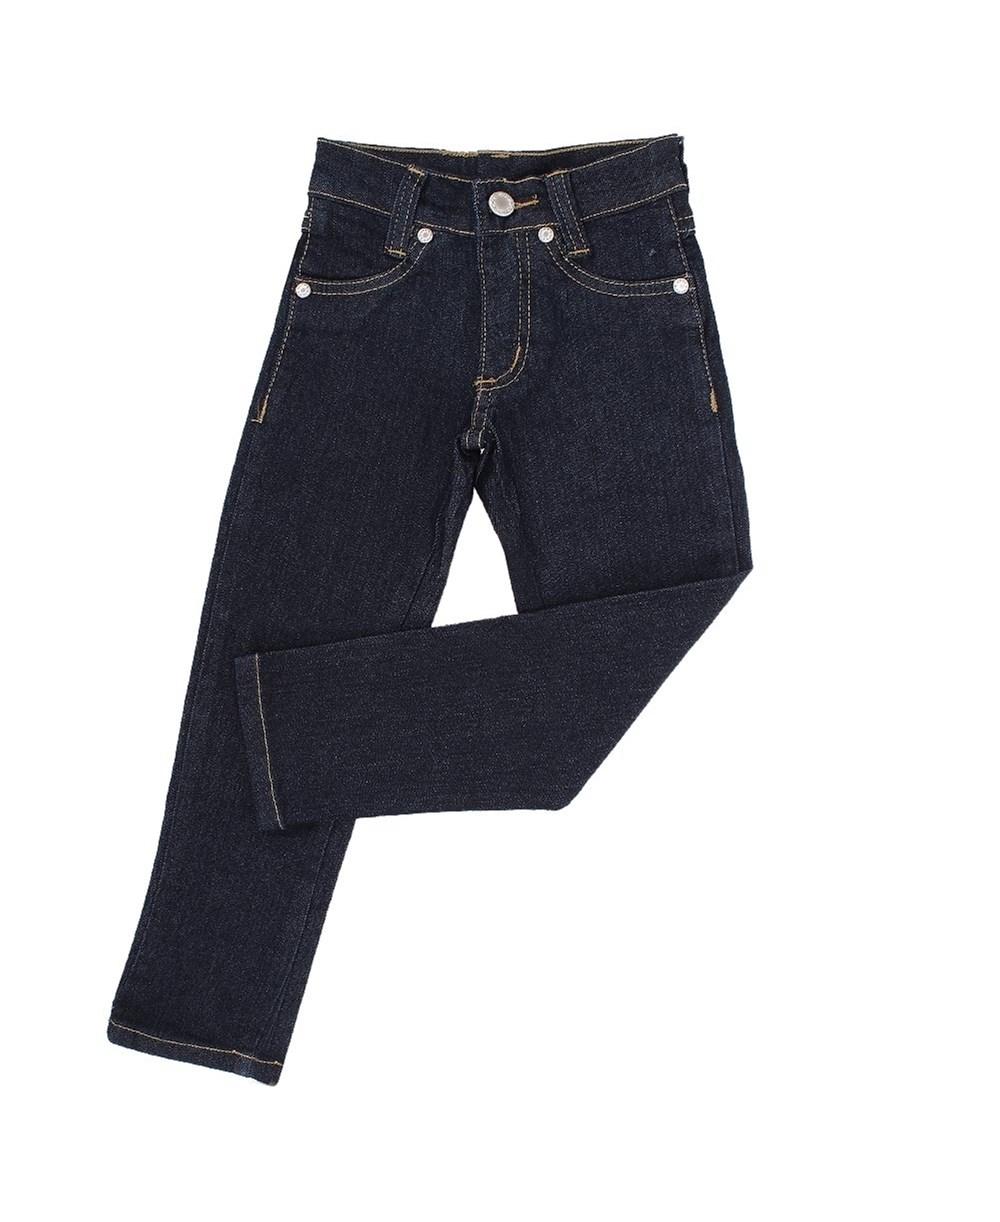 Calça Jeans Infantil Feminina Azul Escuro com Elastano - Dock ´ s 18714